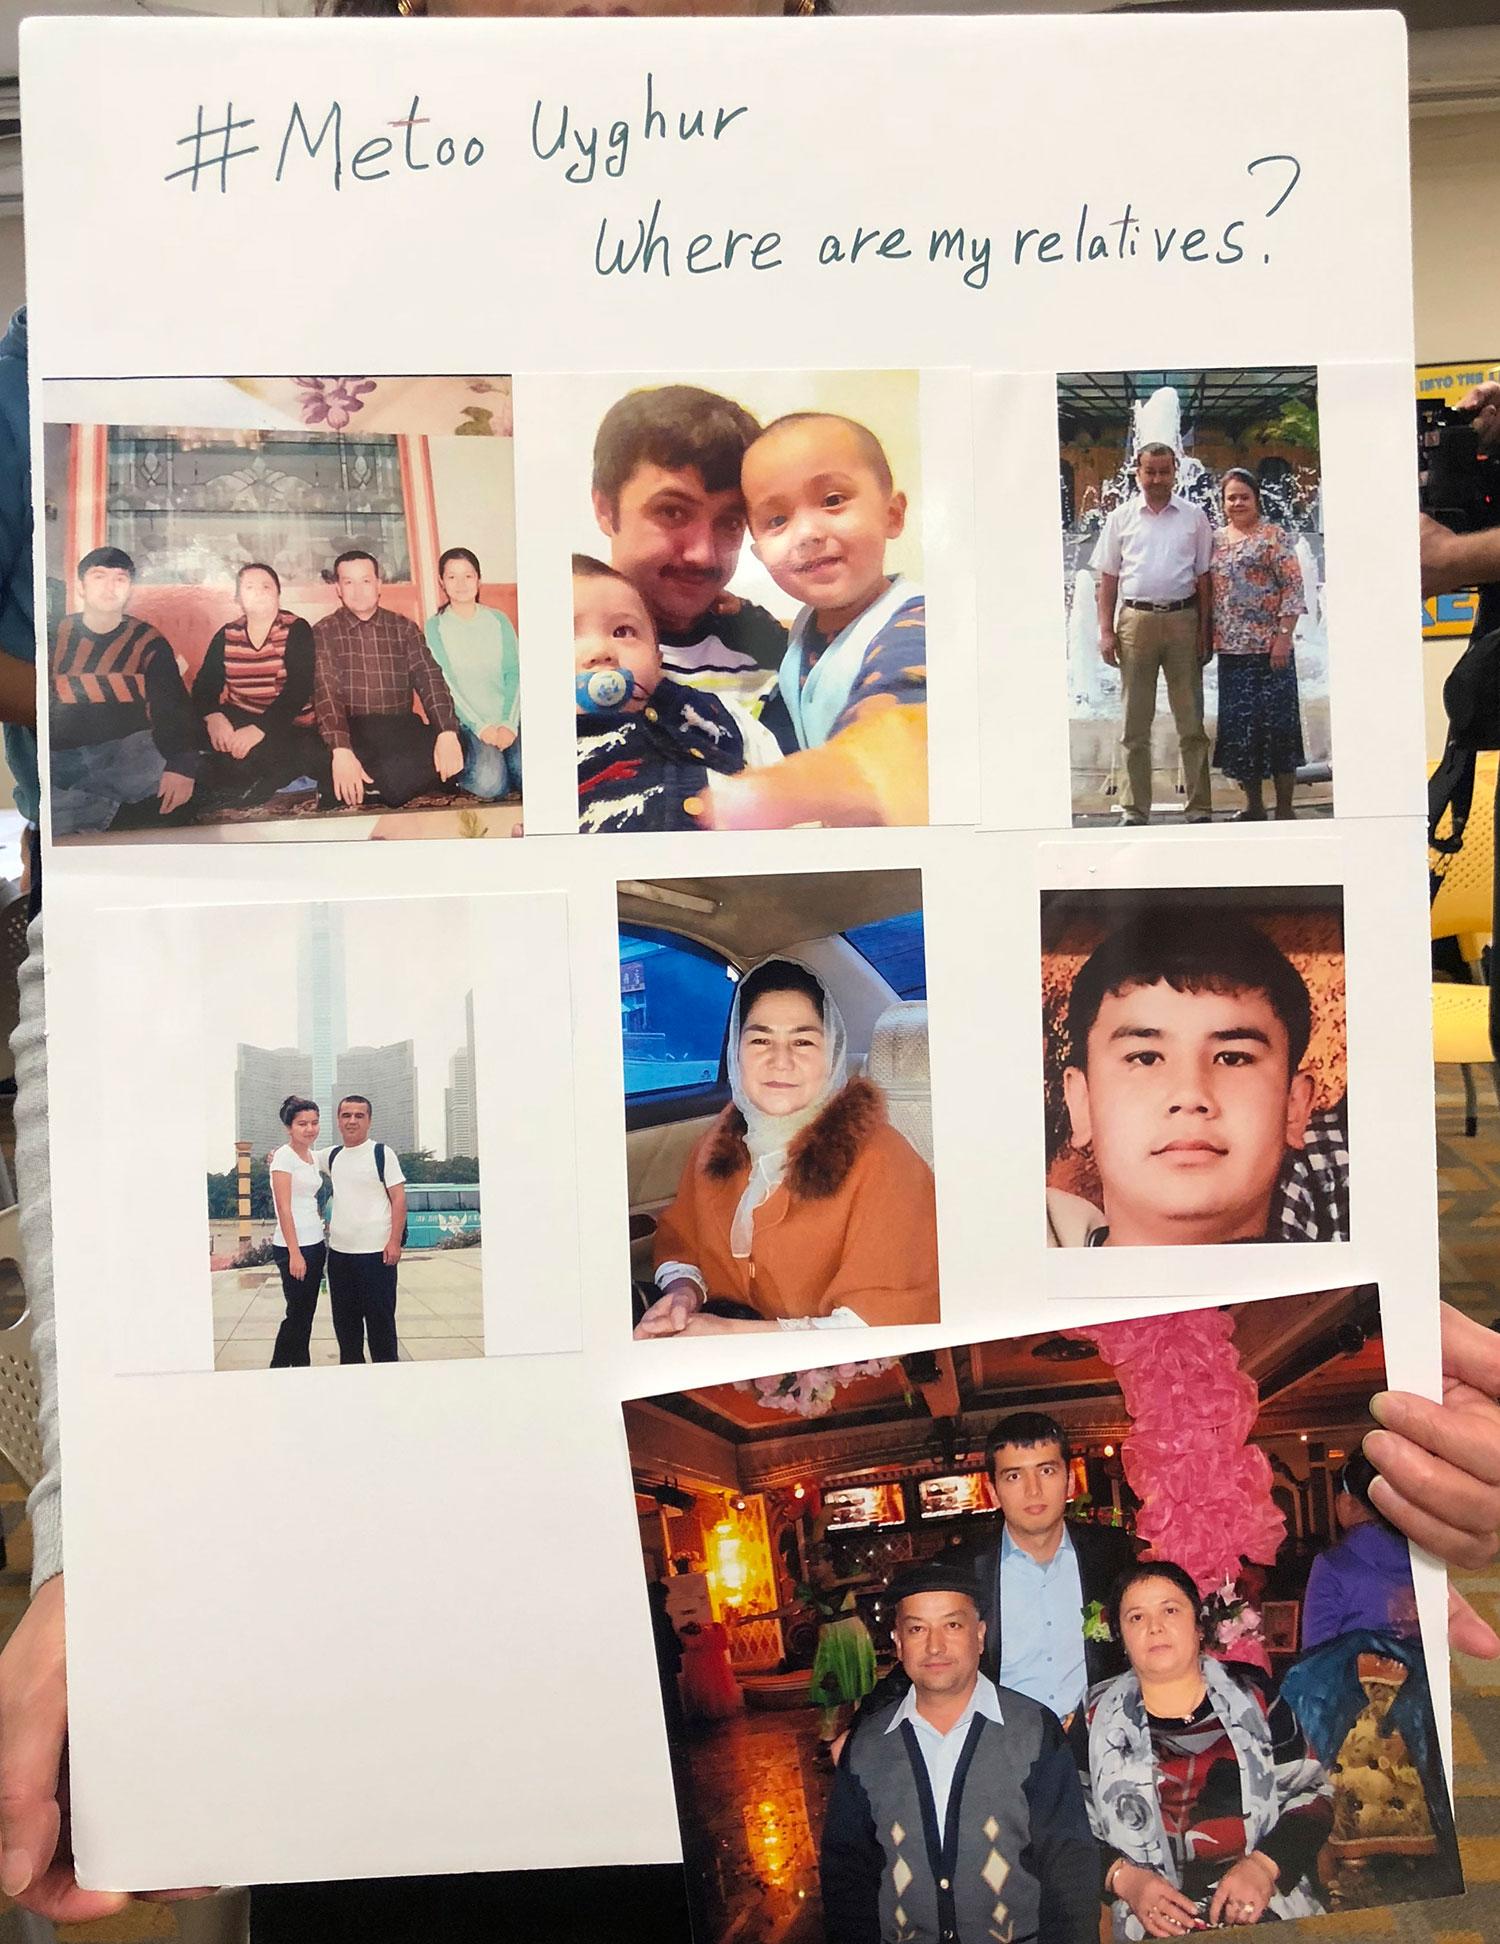 2019年2月24日,美国华盛顿特区一次集会中,展示了一维吾尔族人在中国失踪亲人的海报。(资料图/美联社)